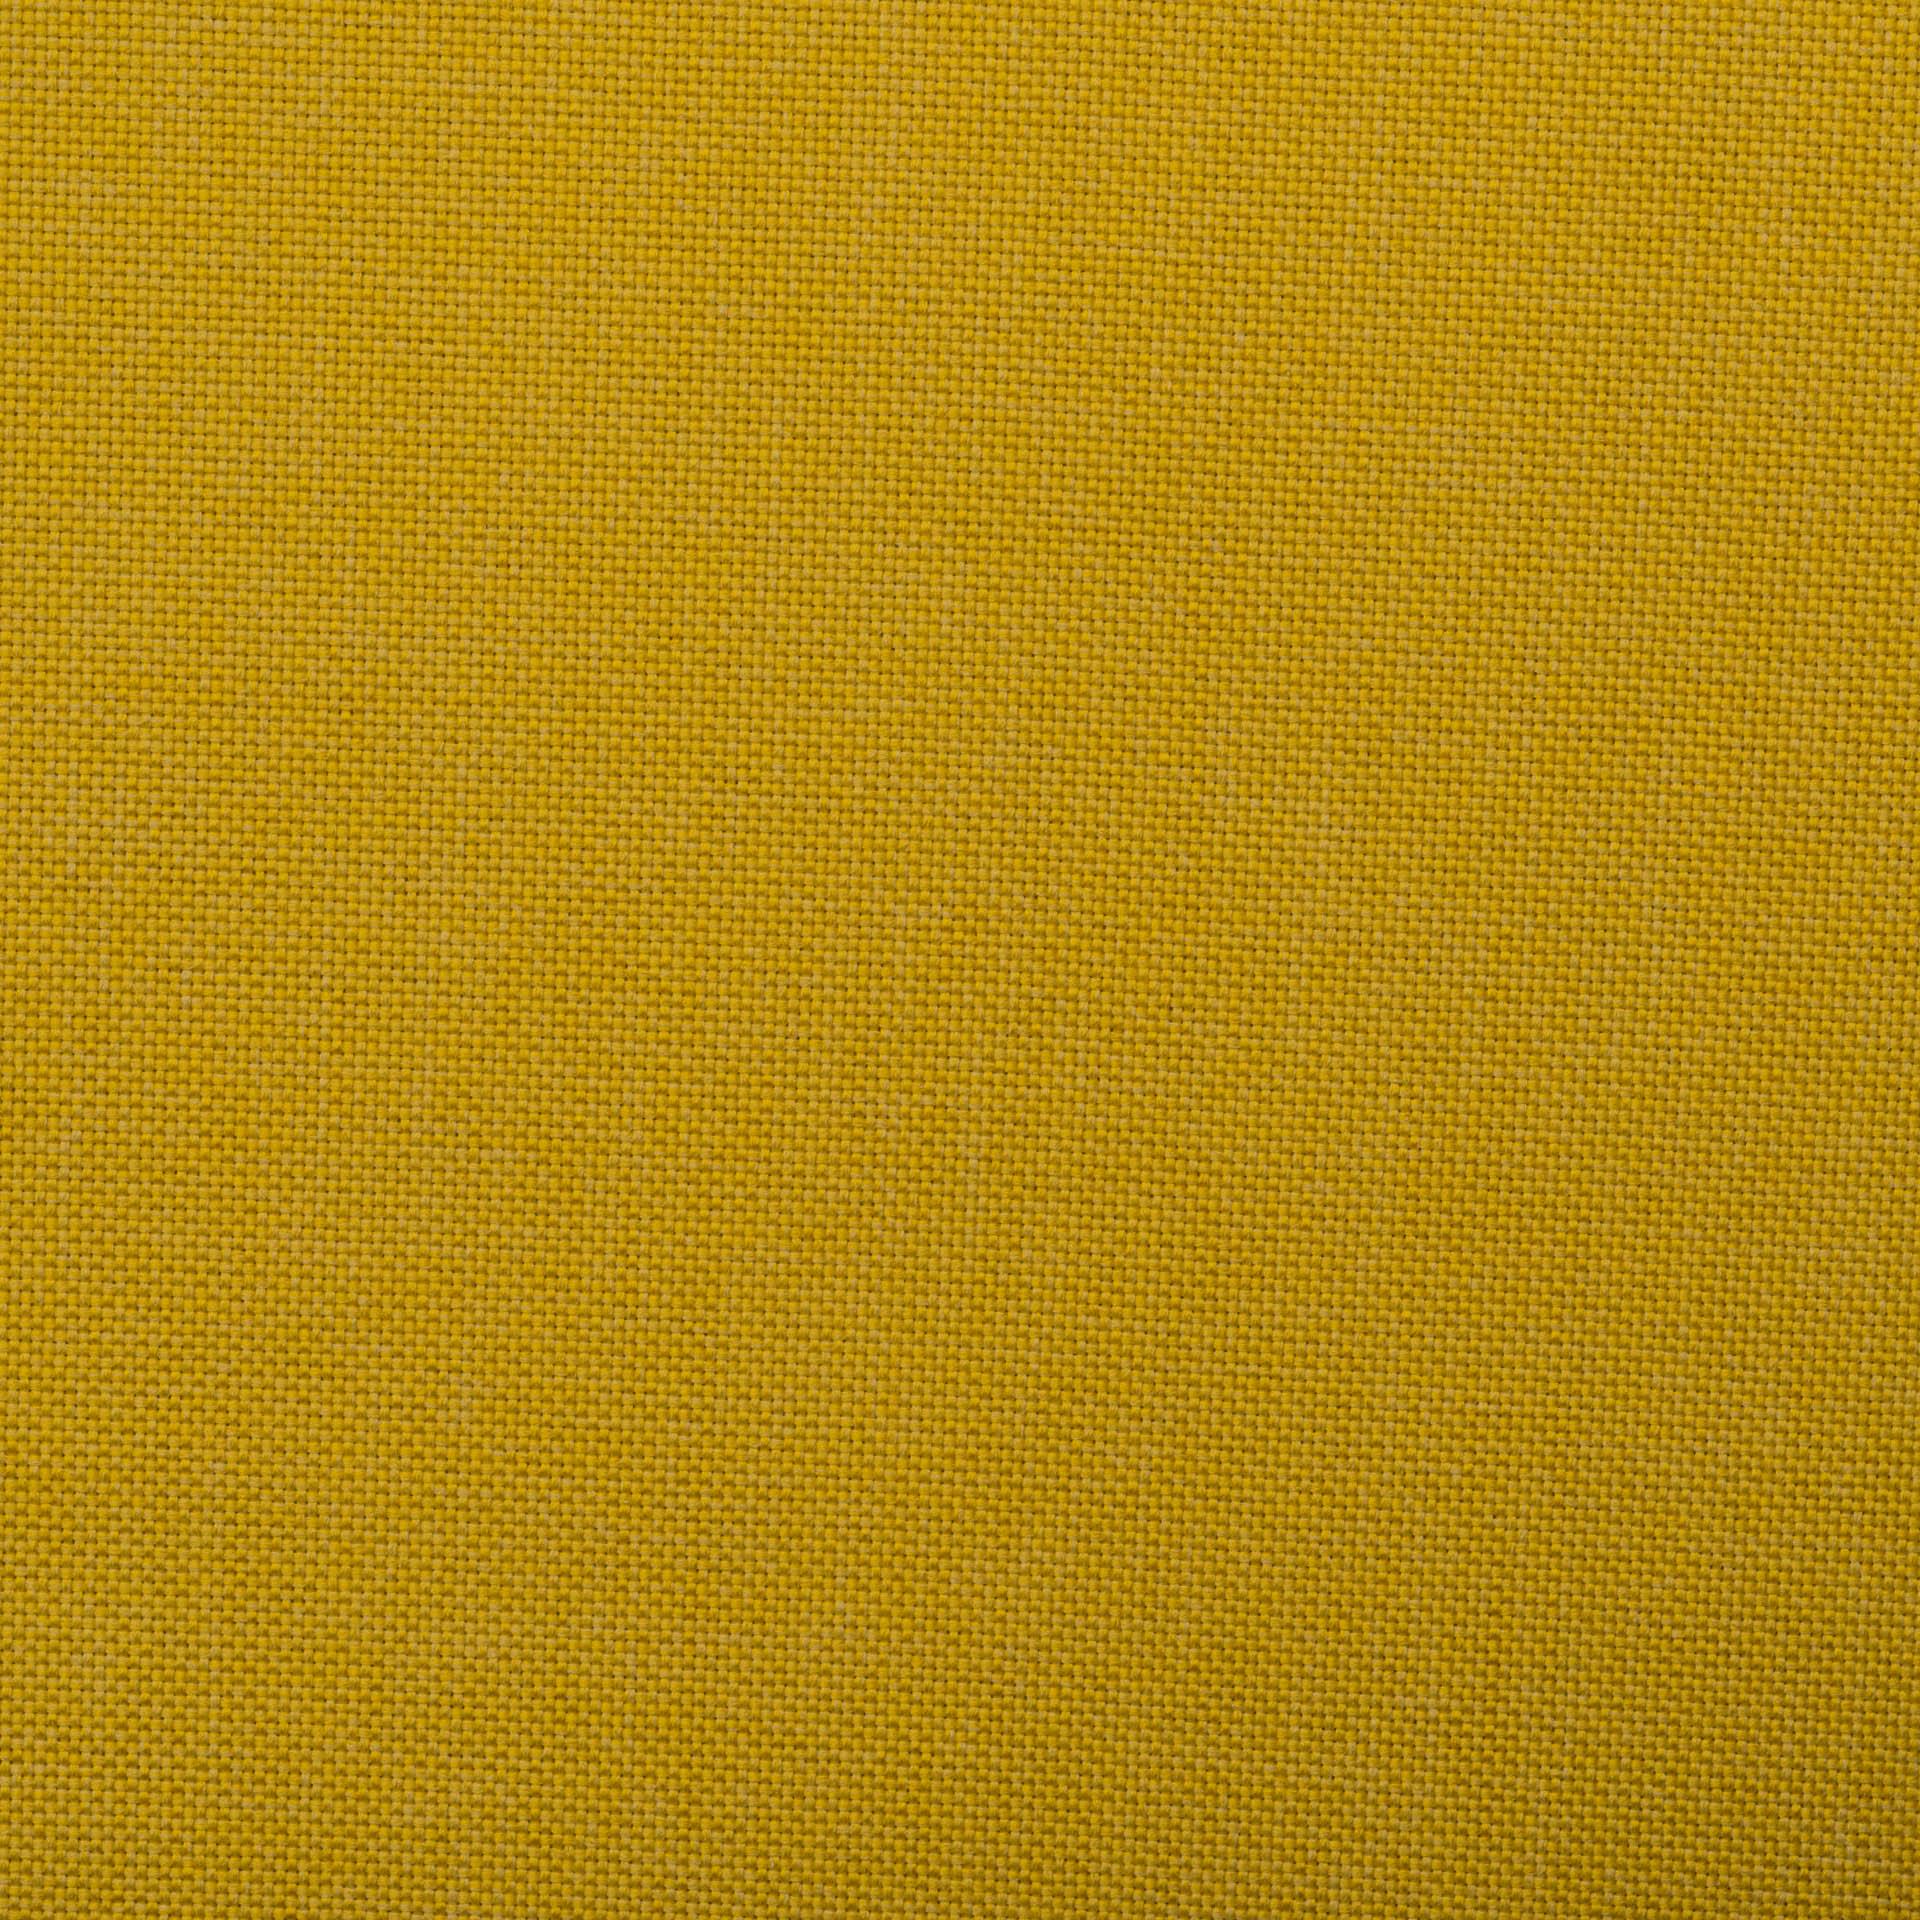 Коллекция ткани Саванна LEMON 20,  купить ткань Жаккард для мебели Украина